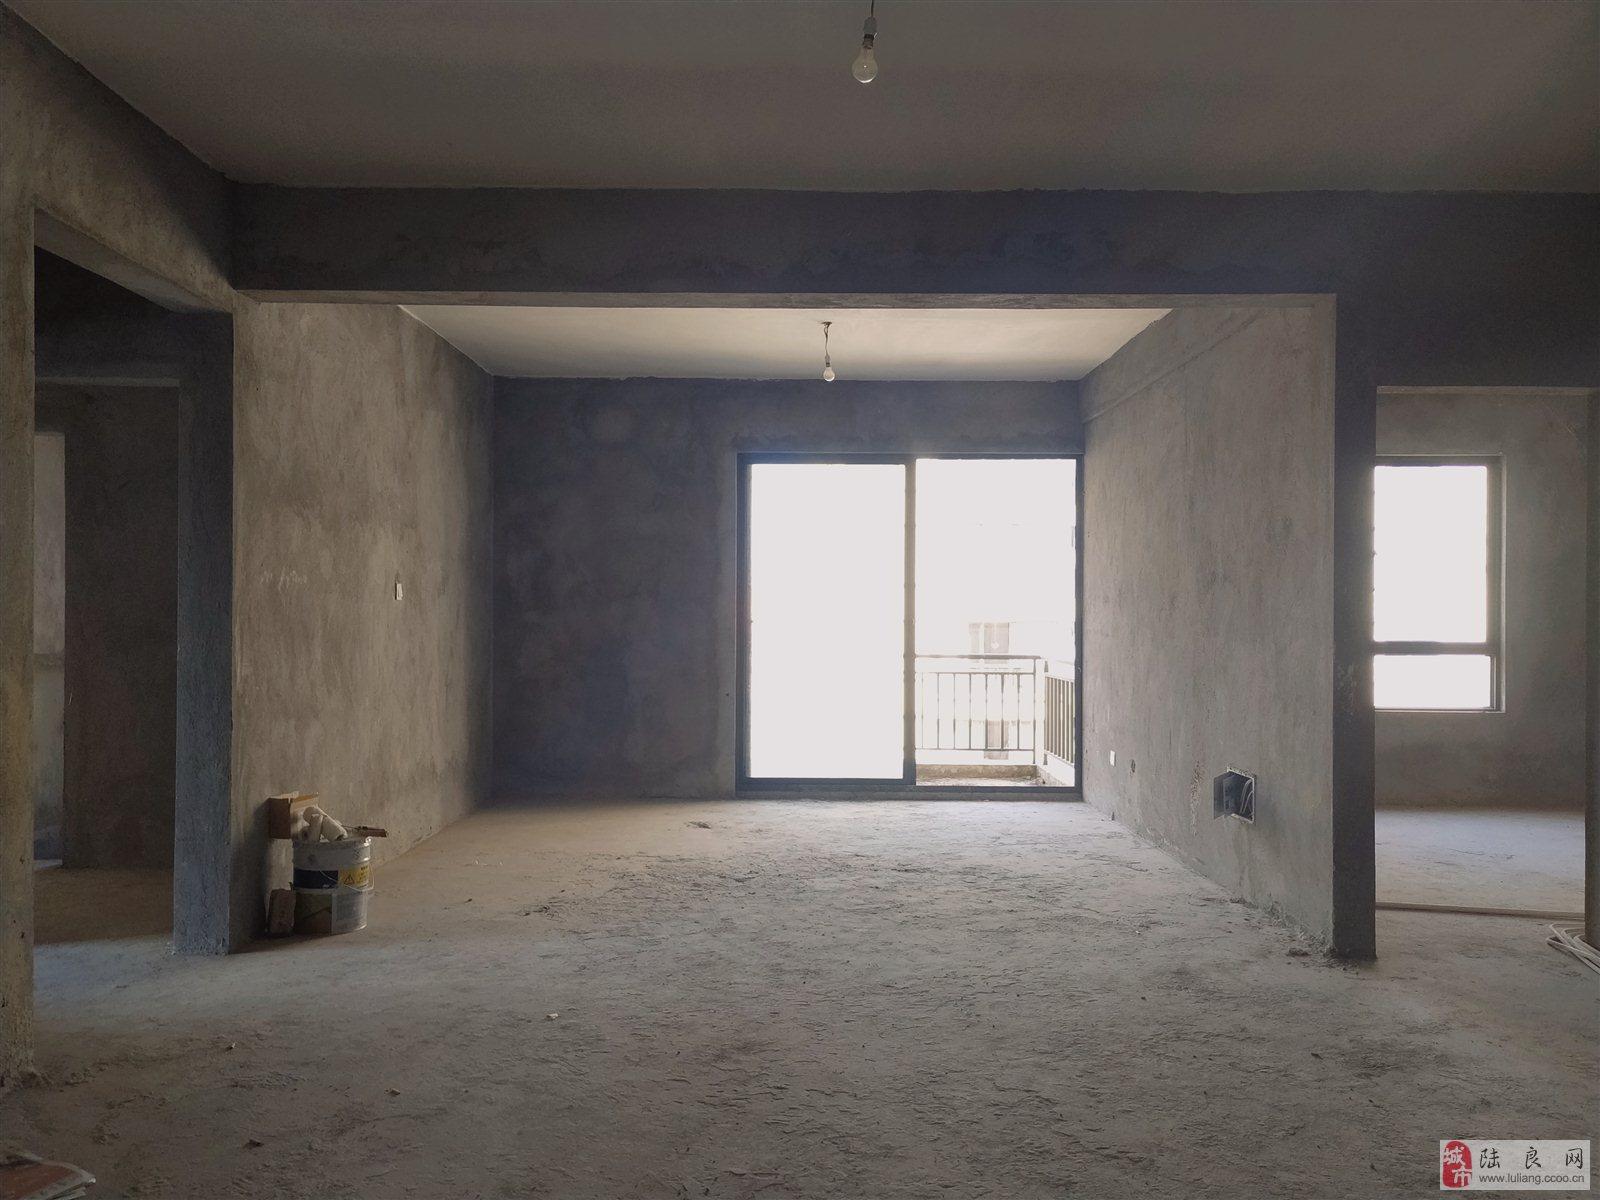 金色嘉苑 毛坯3室 电梯房 户型超好 41.6万元